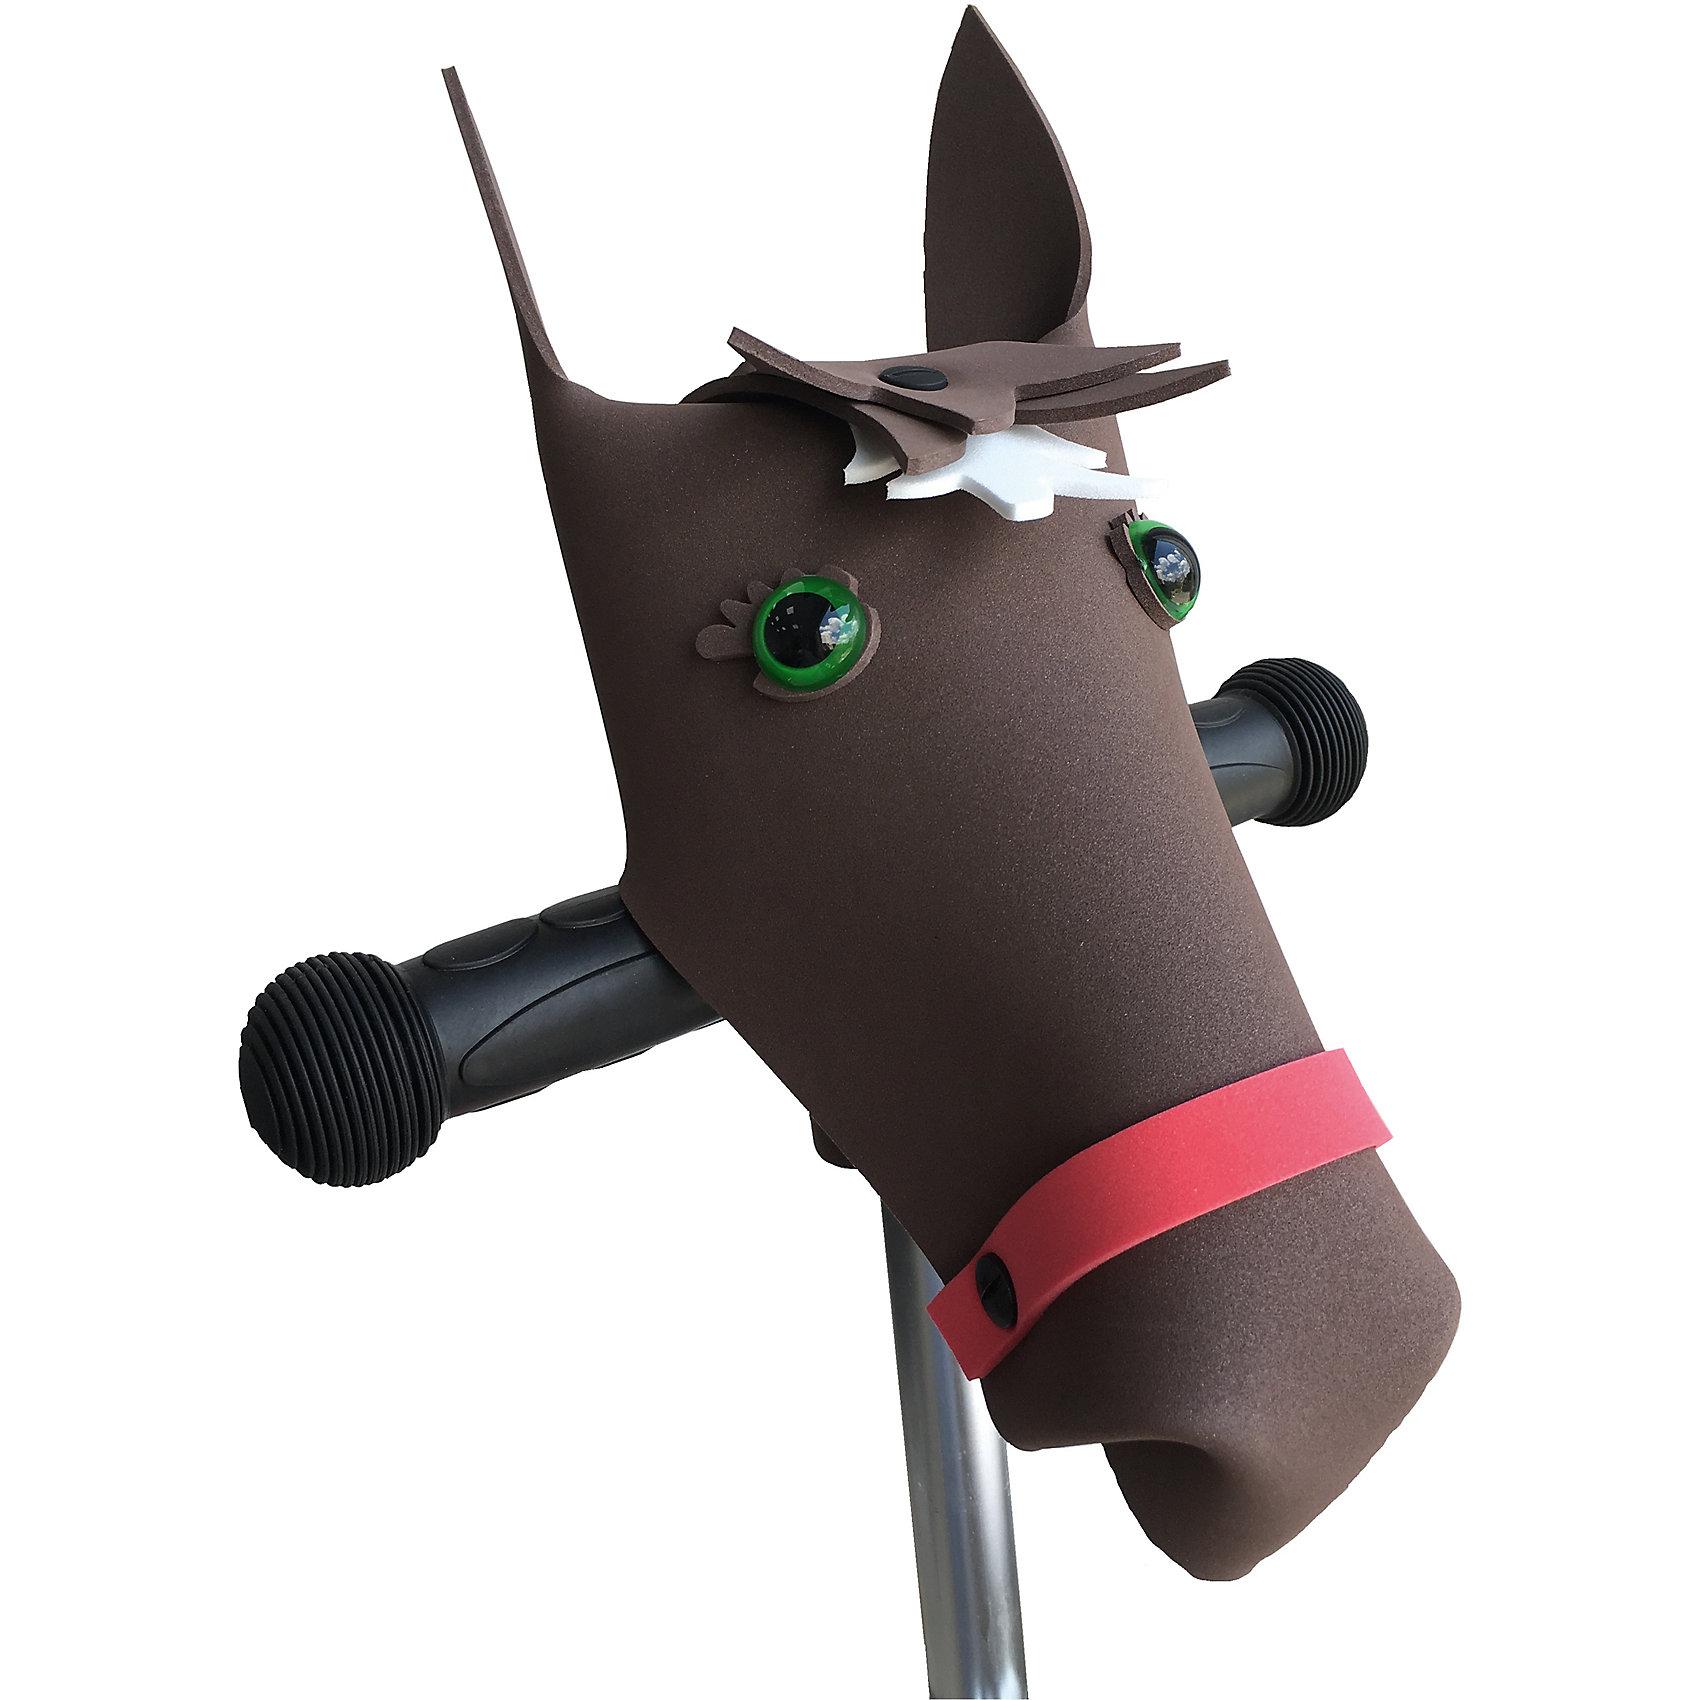 Руль Коричневая лошадь Викинг, PandaPuzzleРуль Коричневая лошадь Викинг, PandaPuzzle ? аксессуар для велосипедов, самокатов и беговелов от отечественного торгового бренда. Руль изготовлен из экологических материалов: полимерного материала, пластика и бумаги. Забавный аксессуар, который крепится на руль, выполнен в форме головы дракона. Данная деталь украсит велосипед, самокат или беговел и сделает средство передвижения вашего ребенка ярким, красочным и уникальным. Набор состоит из модели головы героя, глаз, крепежа и инструкции. Аксессуар подходит только для Т-образных рулей.<br>Руль Коричневая лошадь Викинг, PandaPuzzle упакован в тубус.<br><br>Дополнительная информация:<br><br>- Вид игр: подвижные игры<br>- Предназначение: для дома, для прогулки<br>- Материал: ЭВА (полимерный материал), пластик, бумага<br>- Цвет: коричневый<br>- Комплектация: модель головы героя, глаза, инструкция, крепеж<br>- Размер (Д*Ш*В): 7,5*7,5*43 см<br>- Вес: 200 г <br>- Пол: для мальчика<br>- Особенности ухода: допускается влажная чистка за исключением деталей из бумаги<br><br>Подробнее:<br><br>• Для детей в возрасте: от 3 лет и до 16 лет<br>• Страна производитель: Россия<br>• Торговый бренд: PandaPuzzle<br><br>Руль Коричневая лошадь Викинг, PandaPuzzle можно купить в нашем интернет-магазине.<br><br>Ширина мм: 75<br>Глубина мм: 75<br>Высота мм: 430<br>Вес г: 200<br>Возраст от месяцев: 36<br>Возраст до месяцев: 192<br>Пол: Унисекс<br>Возраст: Детский<br>SKU: 4932410